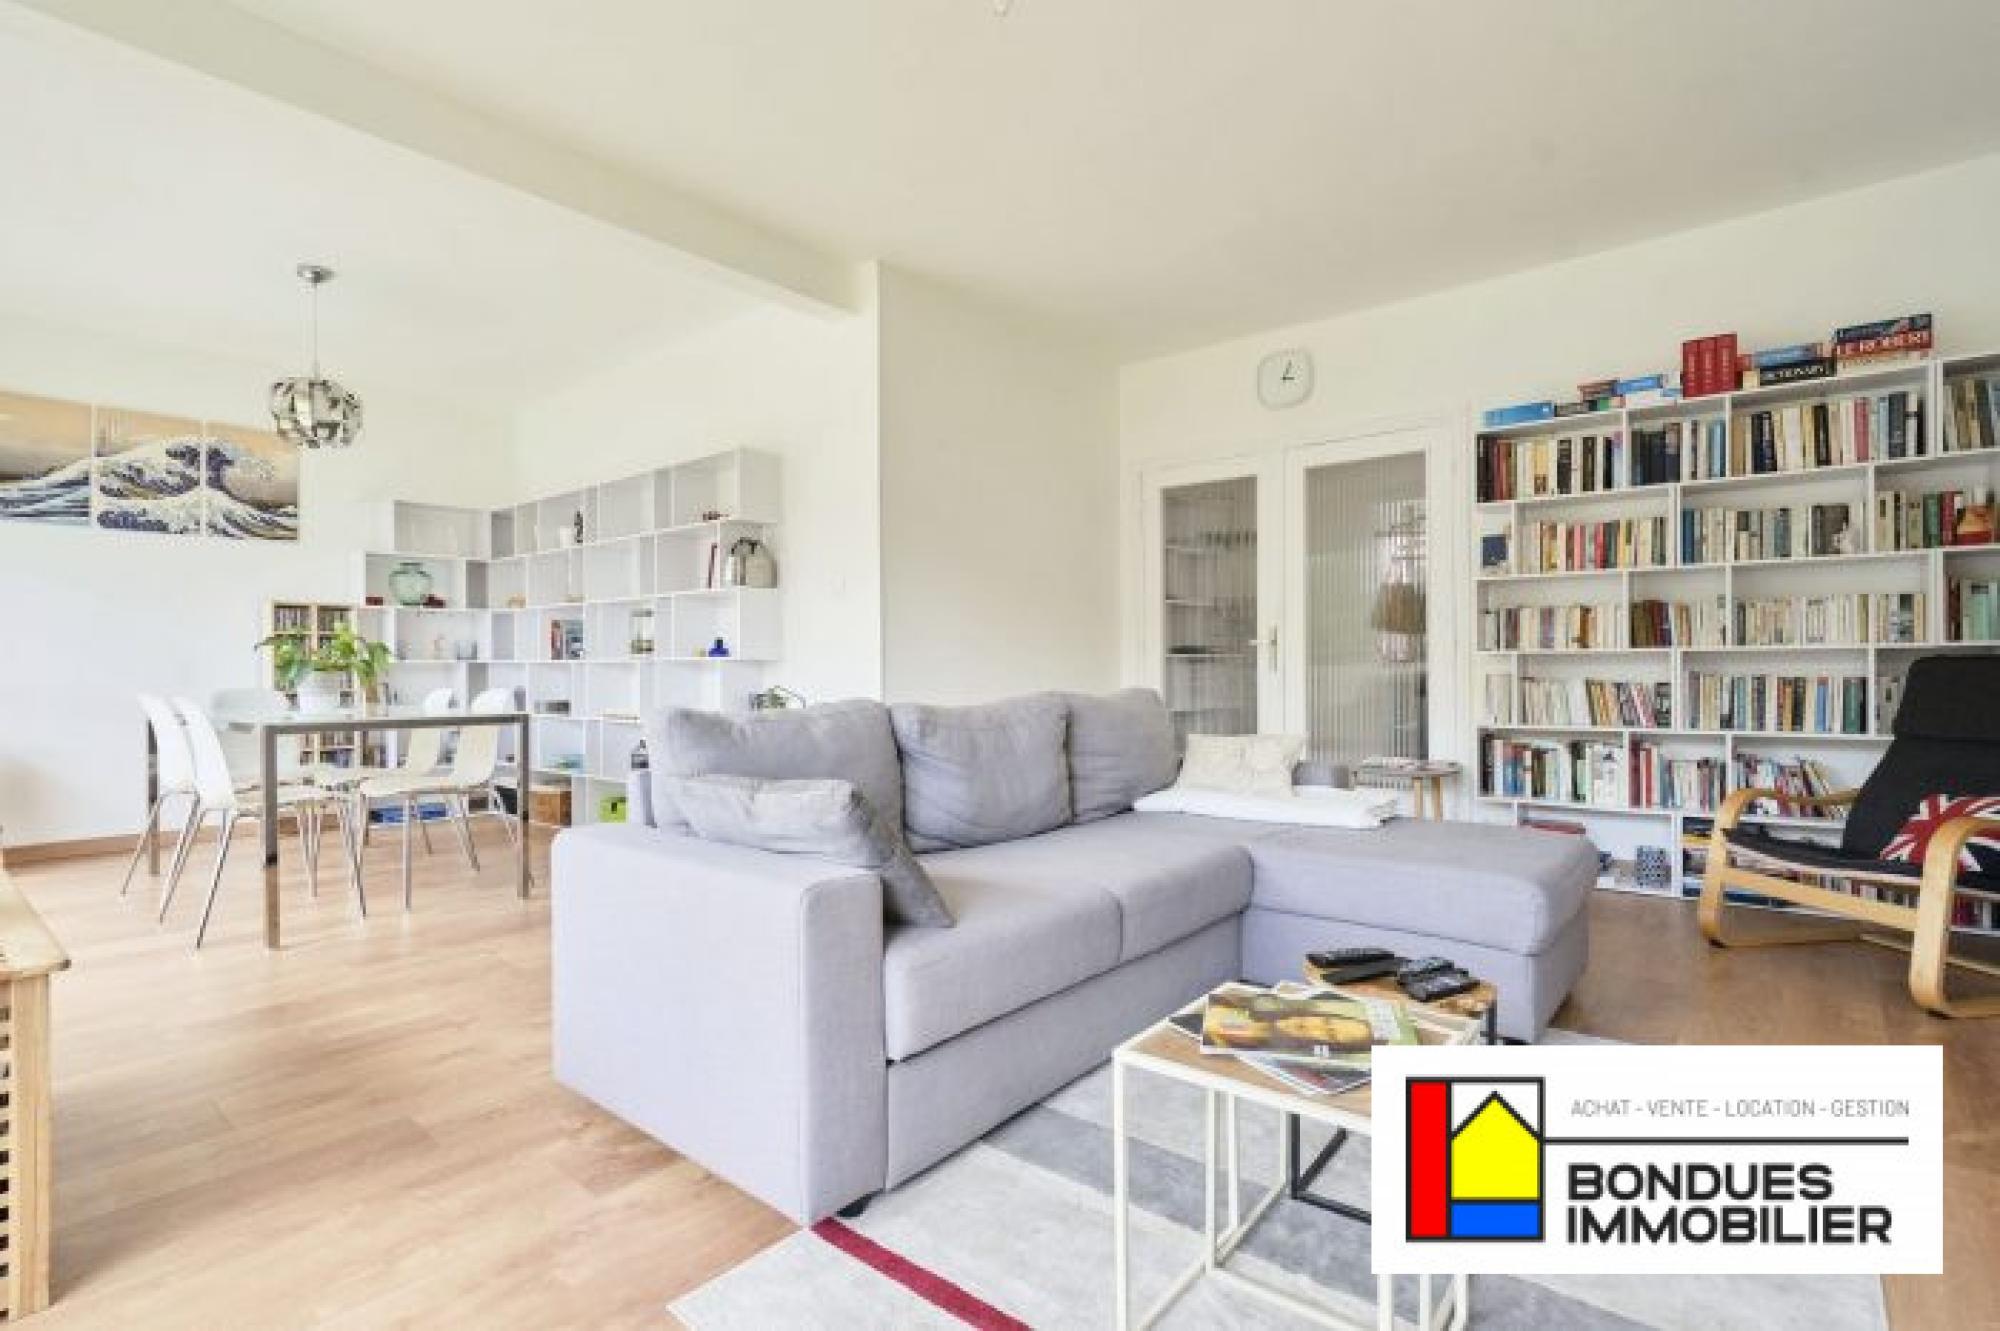 vente appartement marcq en barœul refVA2138 (1)